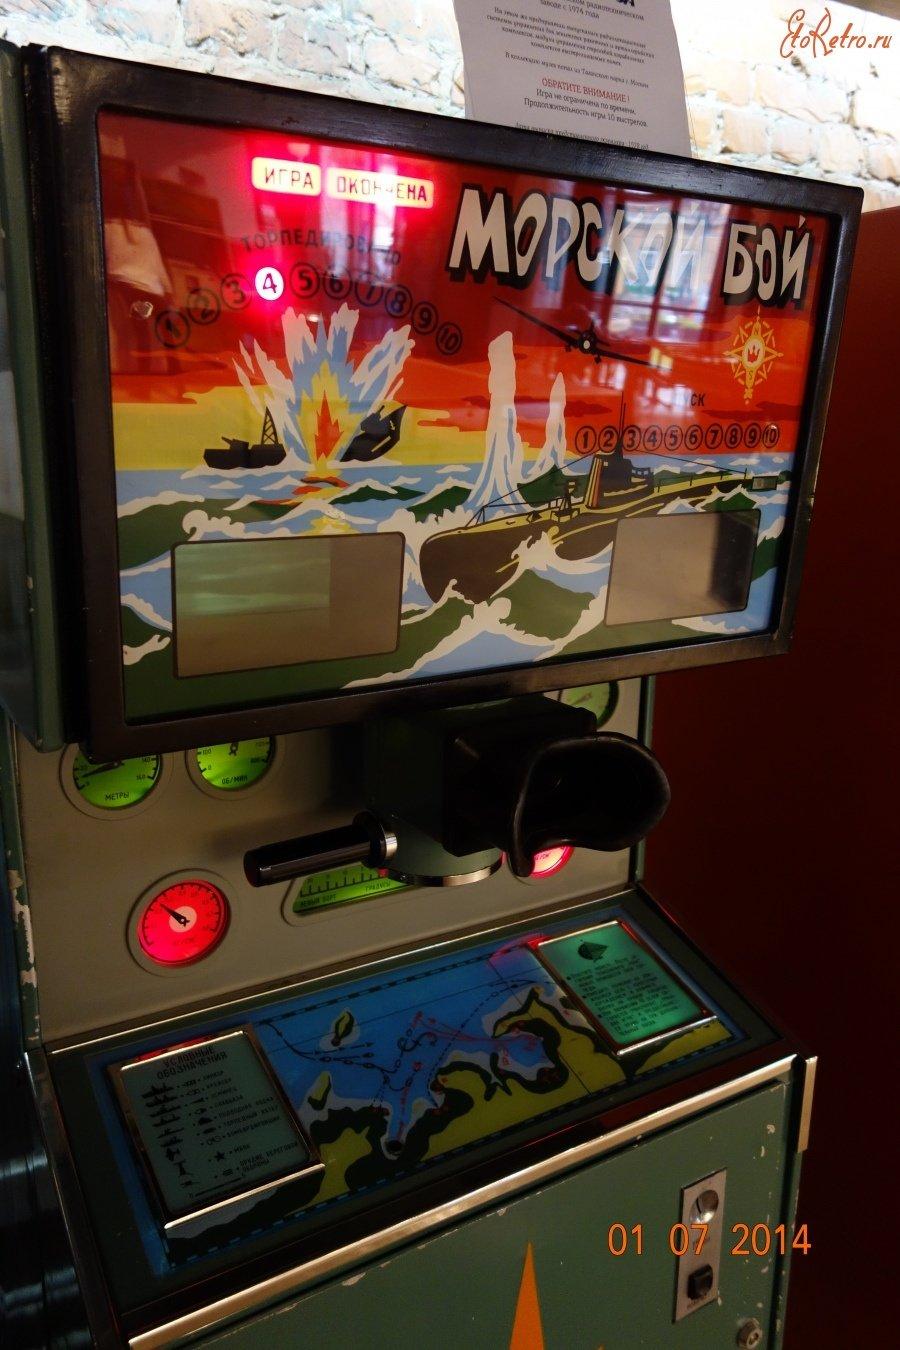 Морской бой советские игровые автоматы